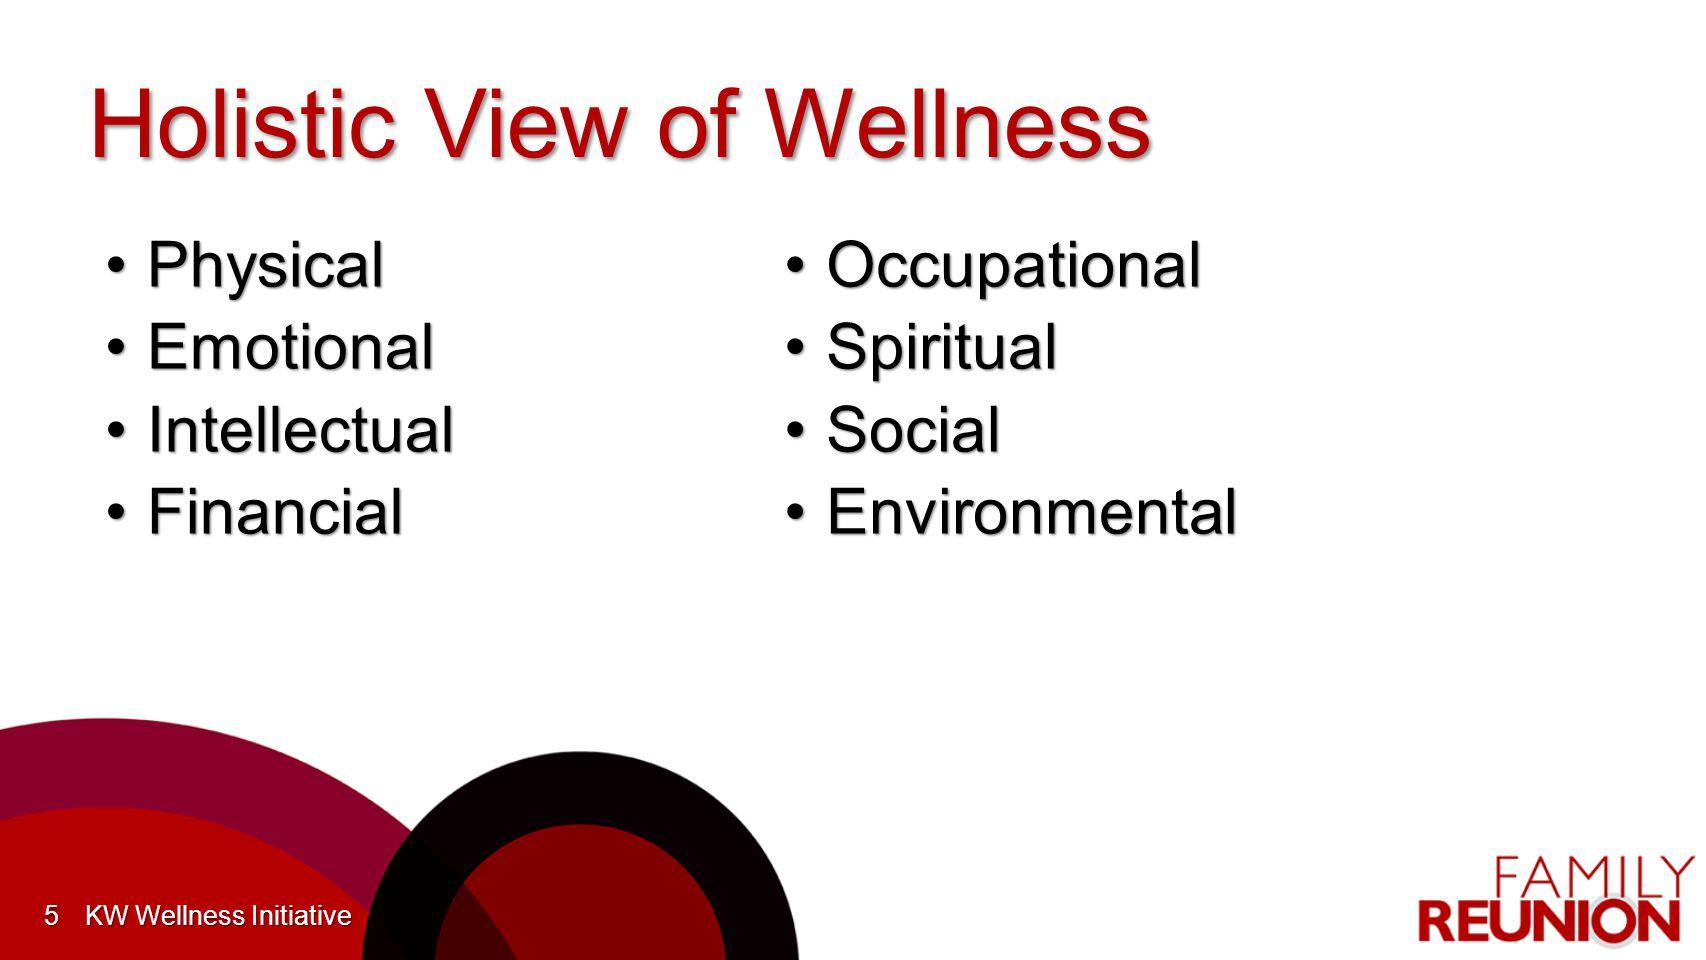 #KWFR Why Do We Care? 6KW Wellness Initiative